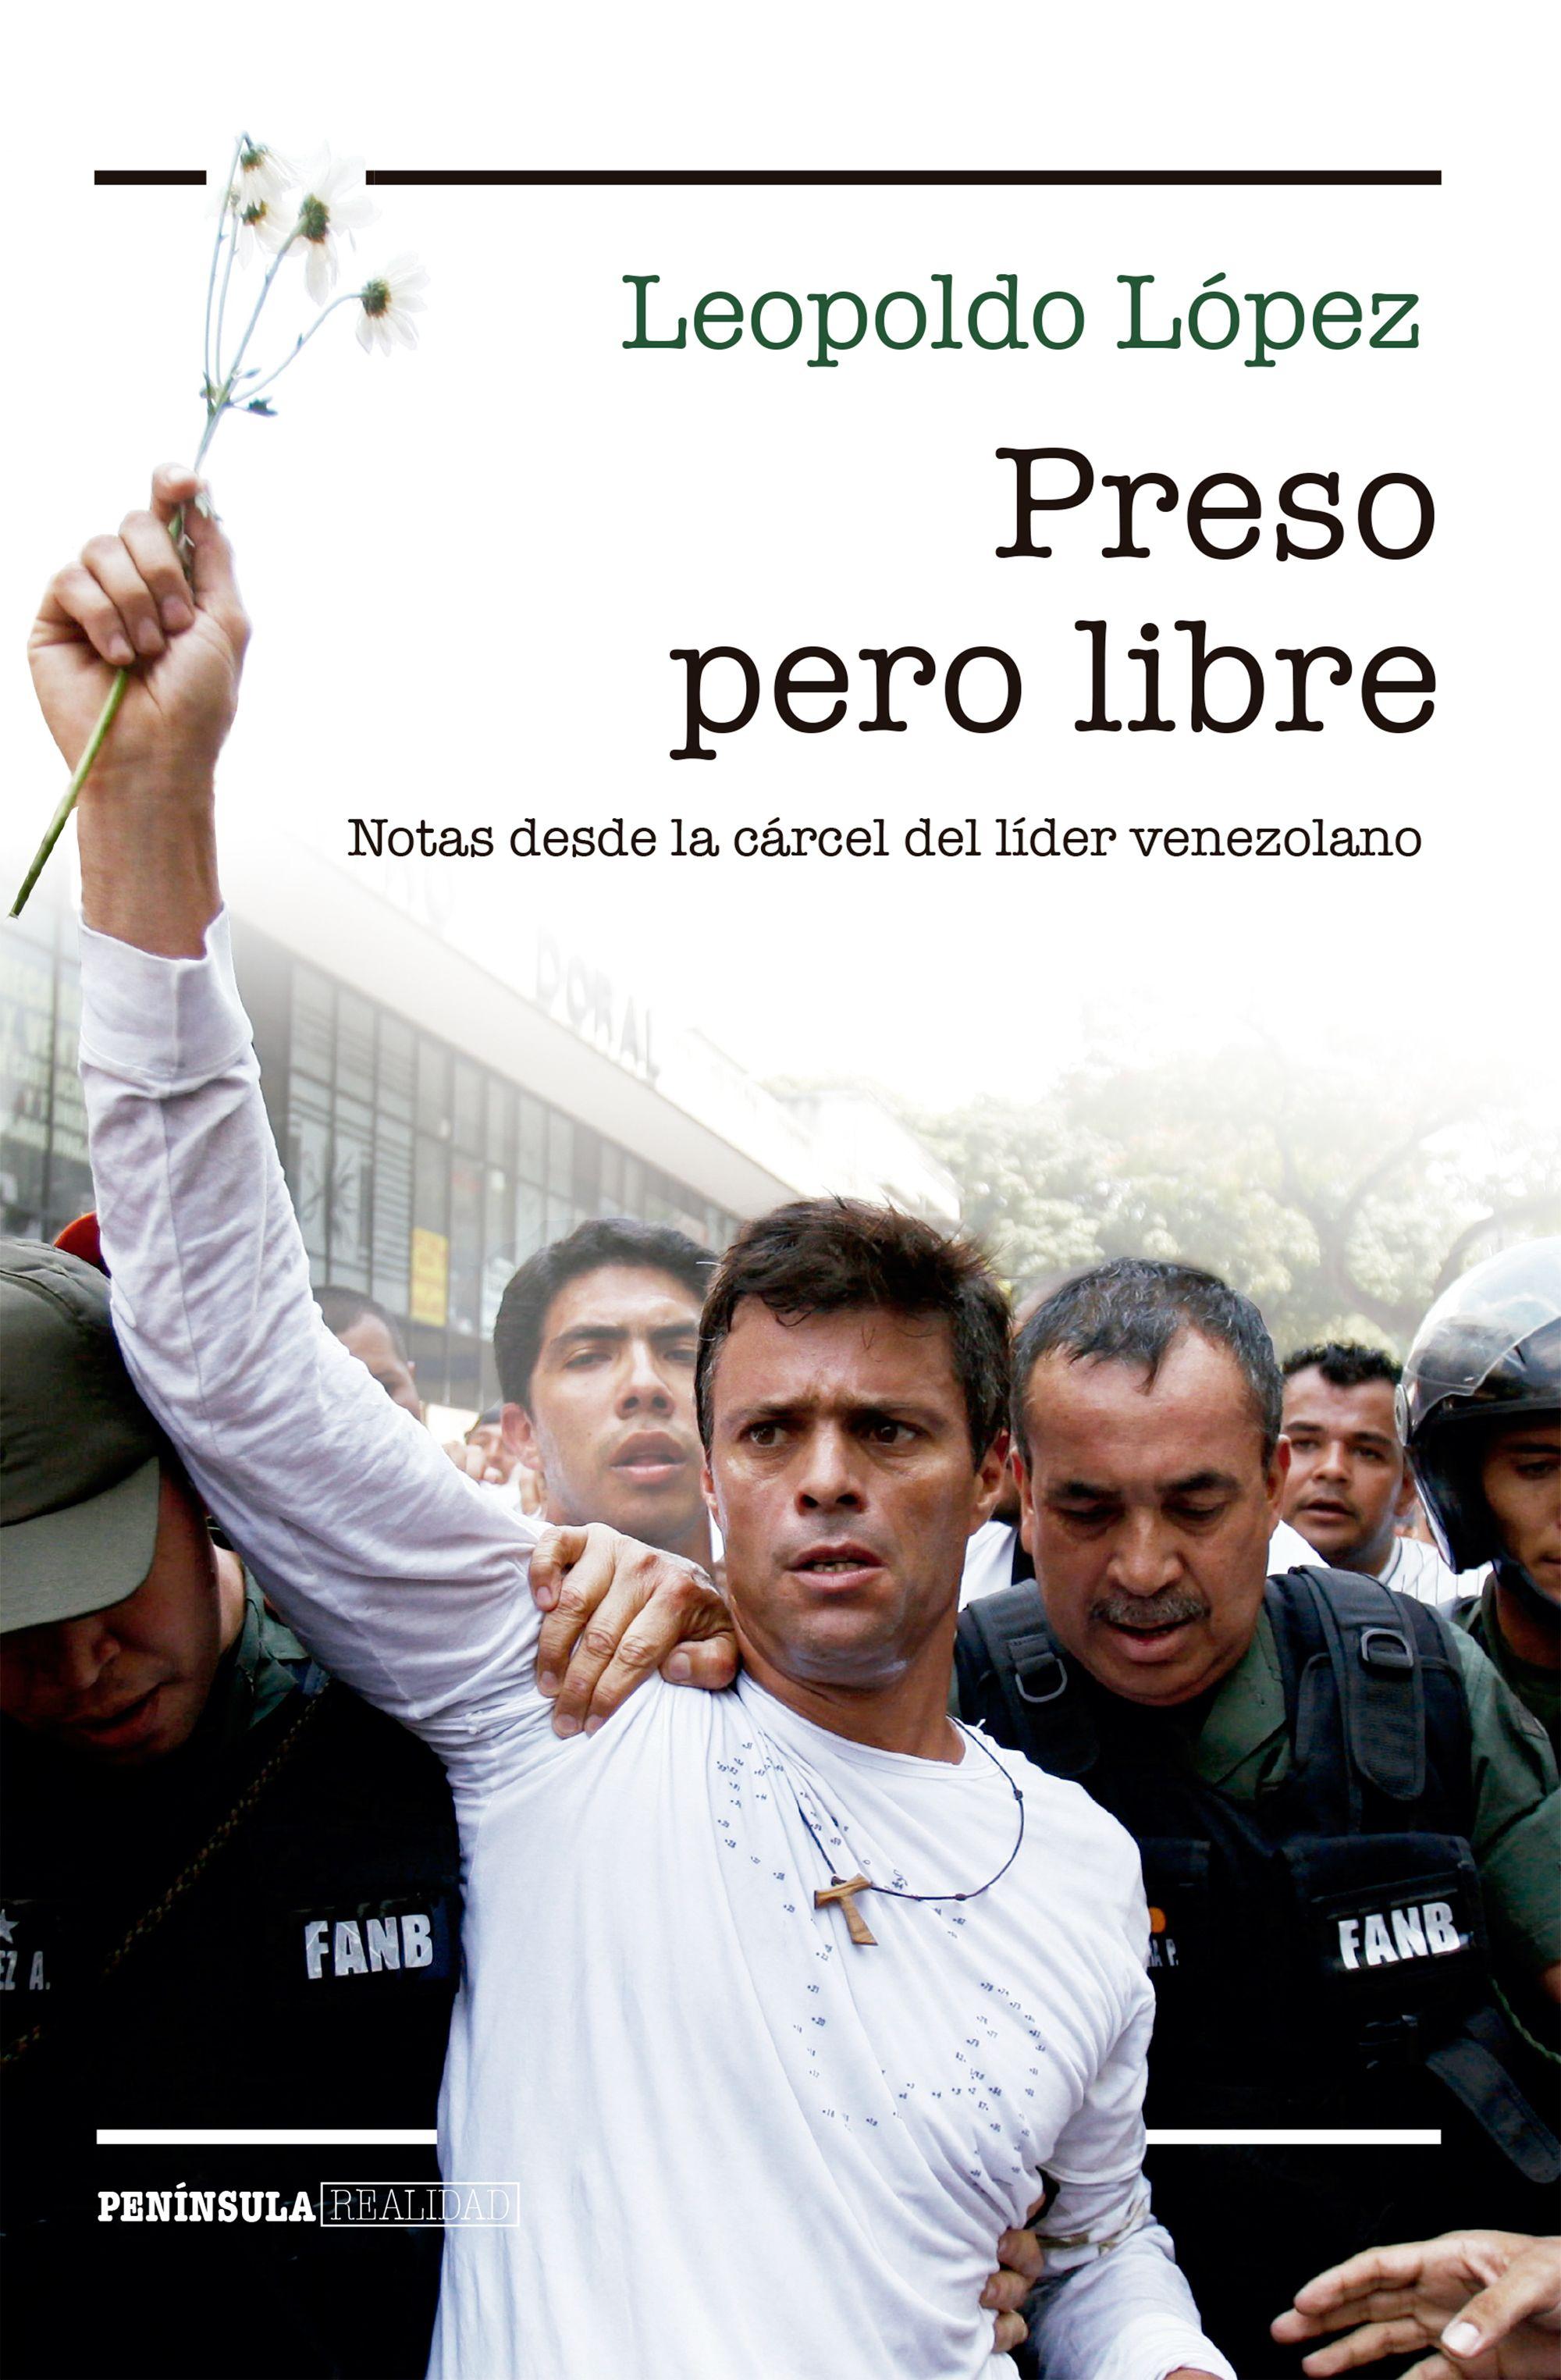 Preso Pero Libre Notas Desde la Carcel del Lider Venezolano - Leopoldo López - Peninsula